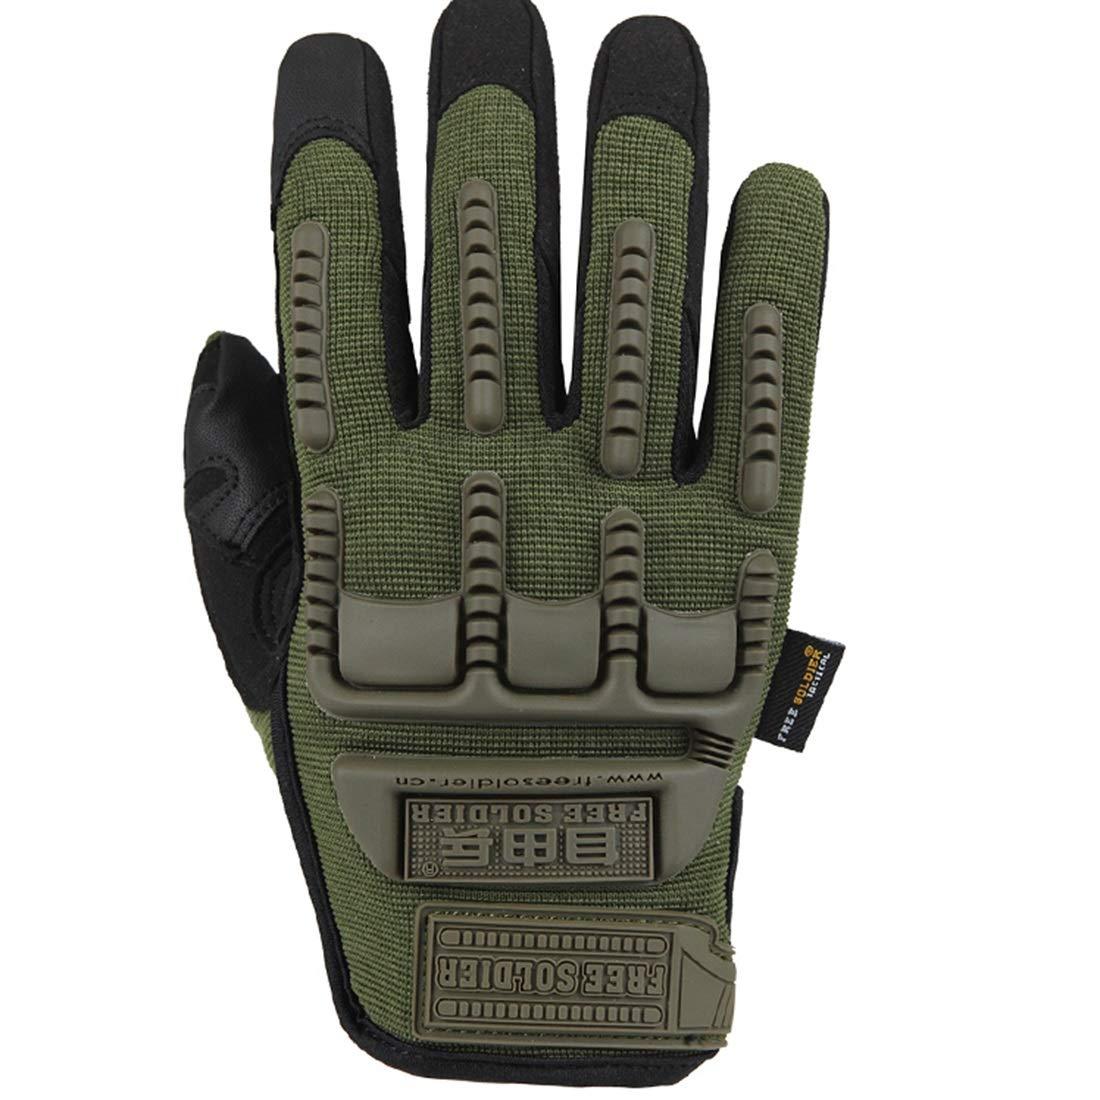 JESSIEKERVIN YY3 Taktische Handschuhe des im Freien Armeefans, die Taktische rennende volle Fingerhandschuhtouch Screen Handschuhe reiten